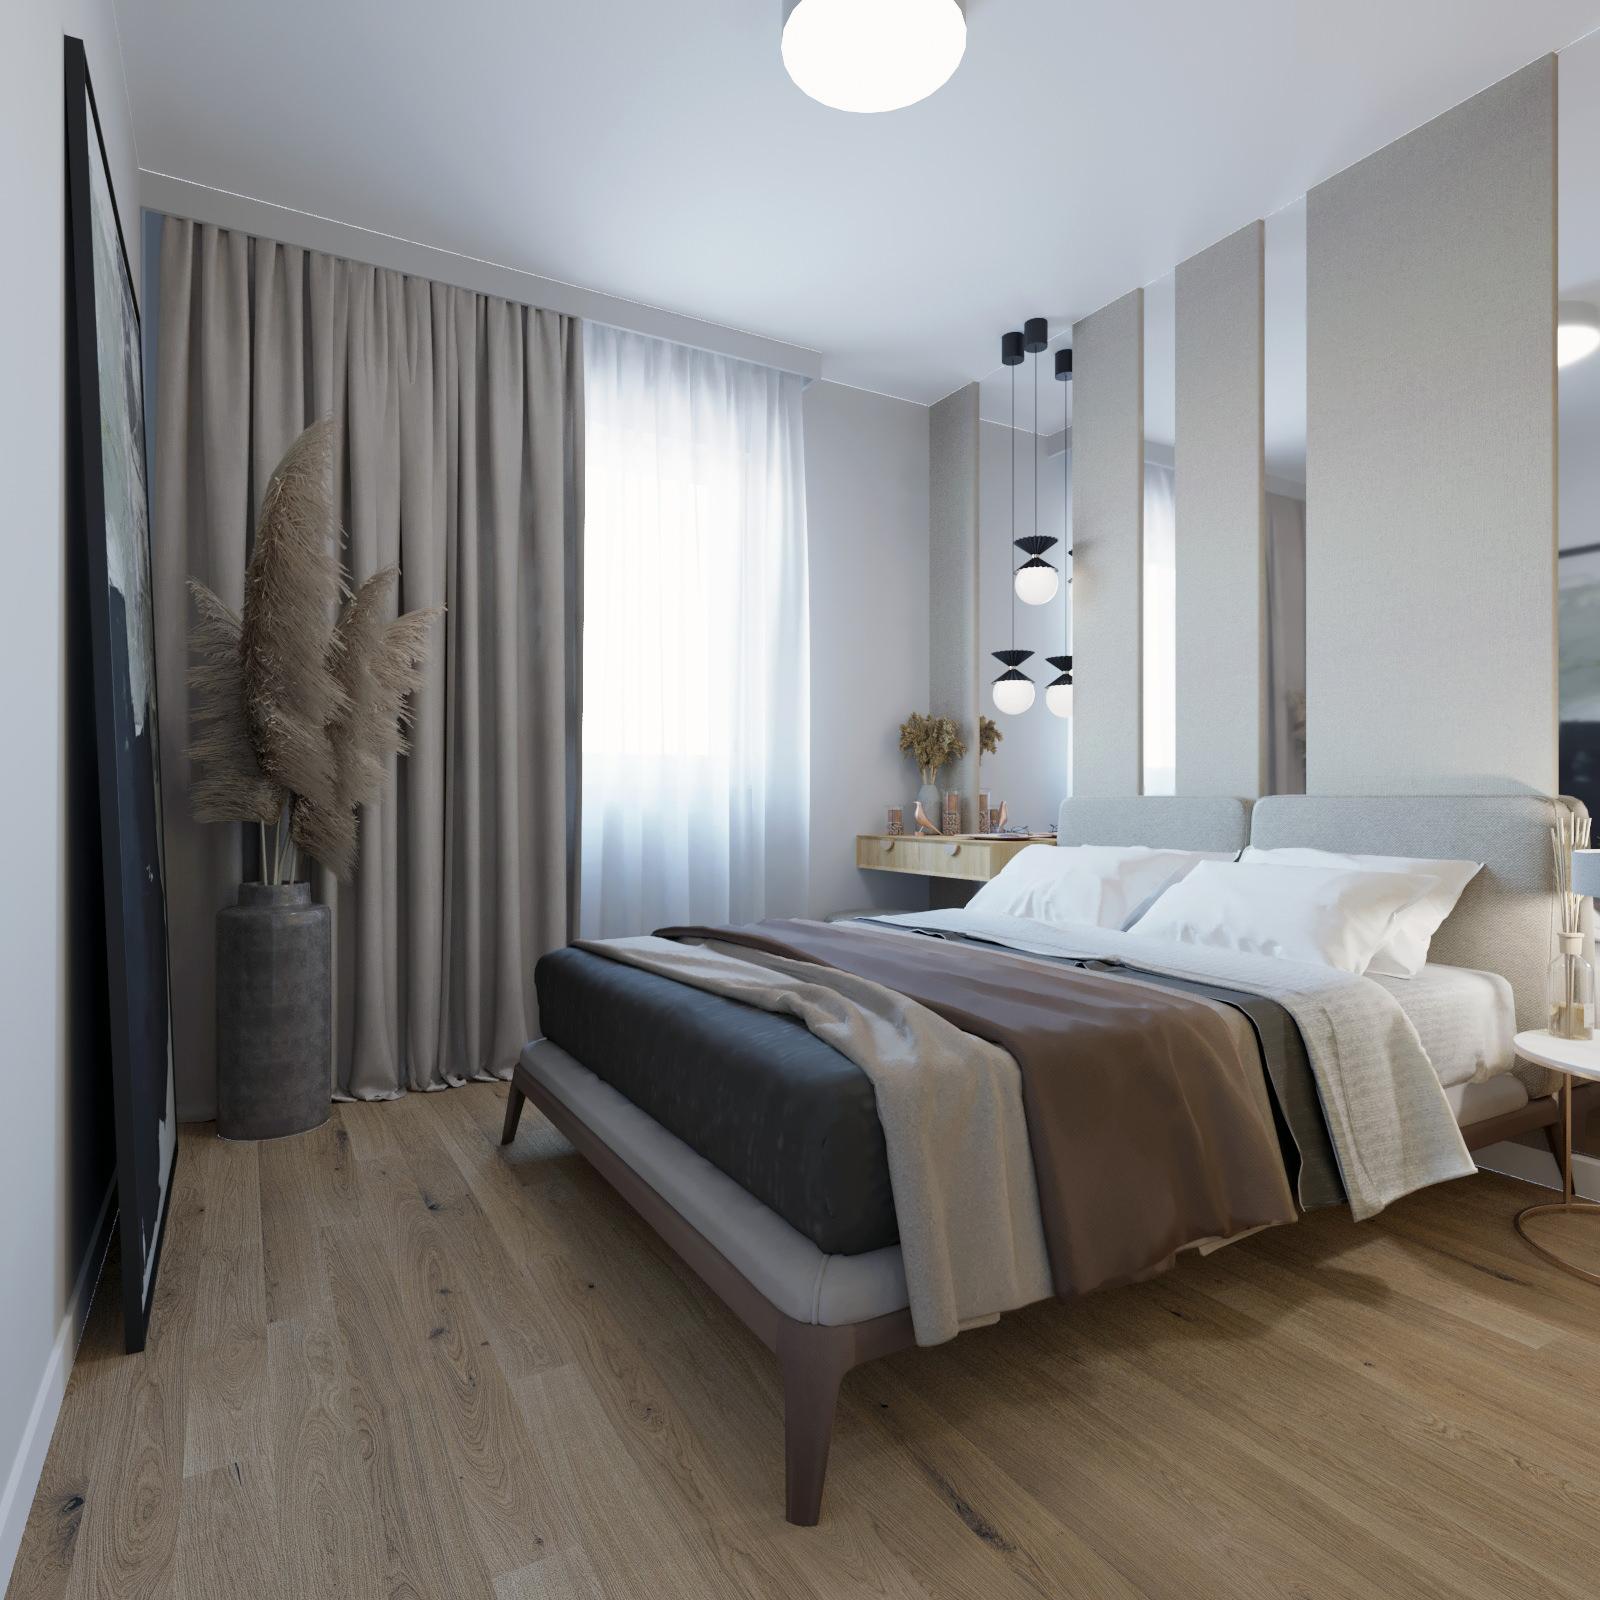 POLESKIE sypialnia wizualizacja projektu wnętrz